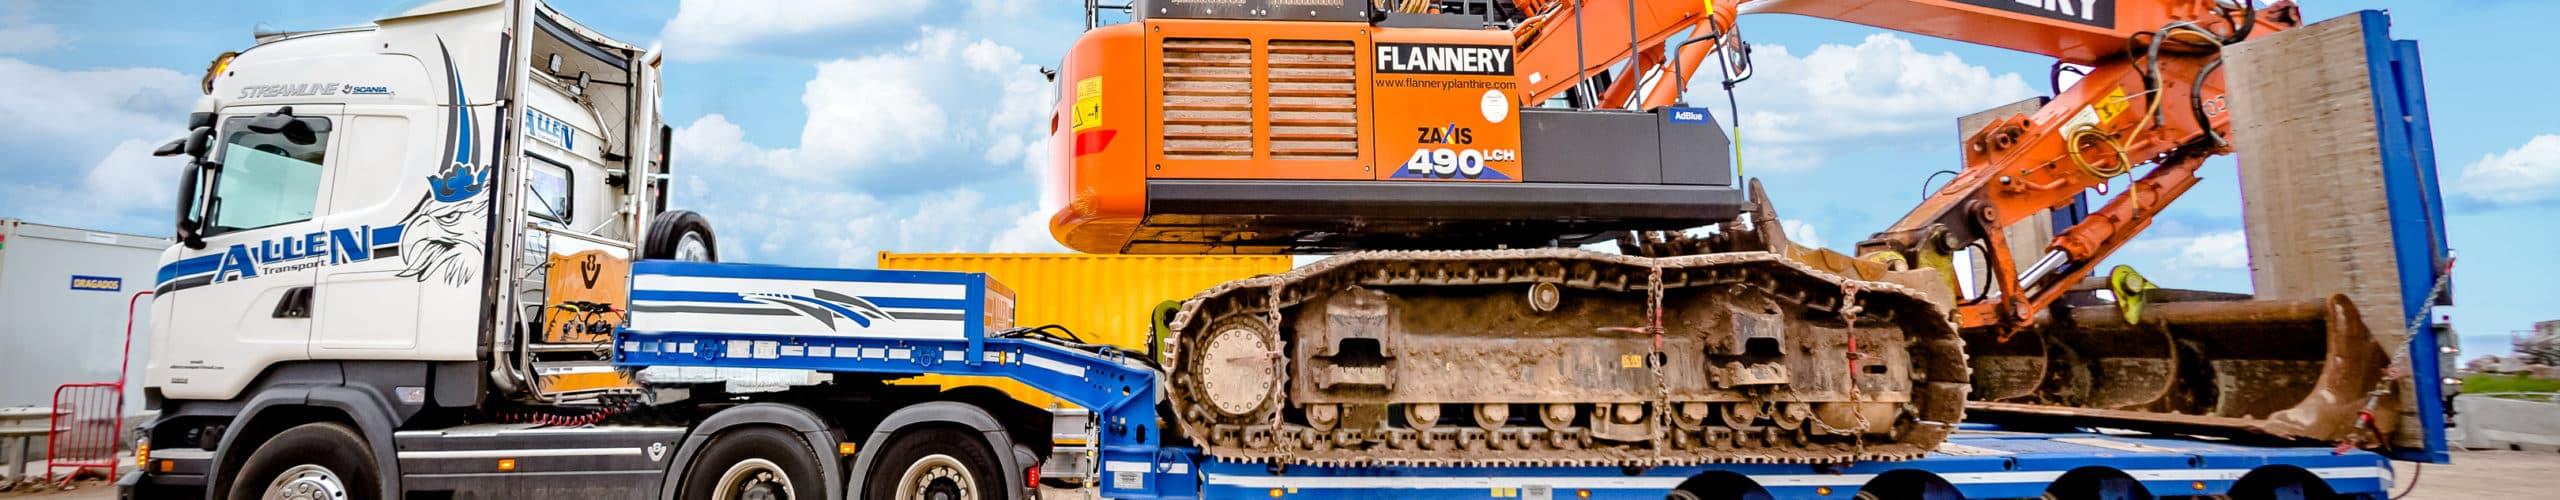 Allen Transport Excavators